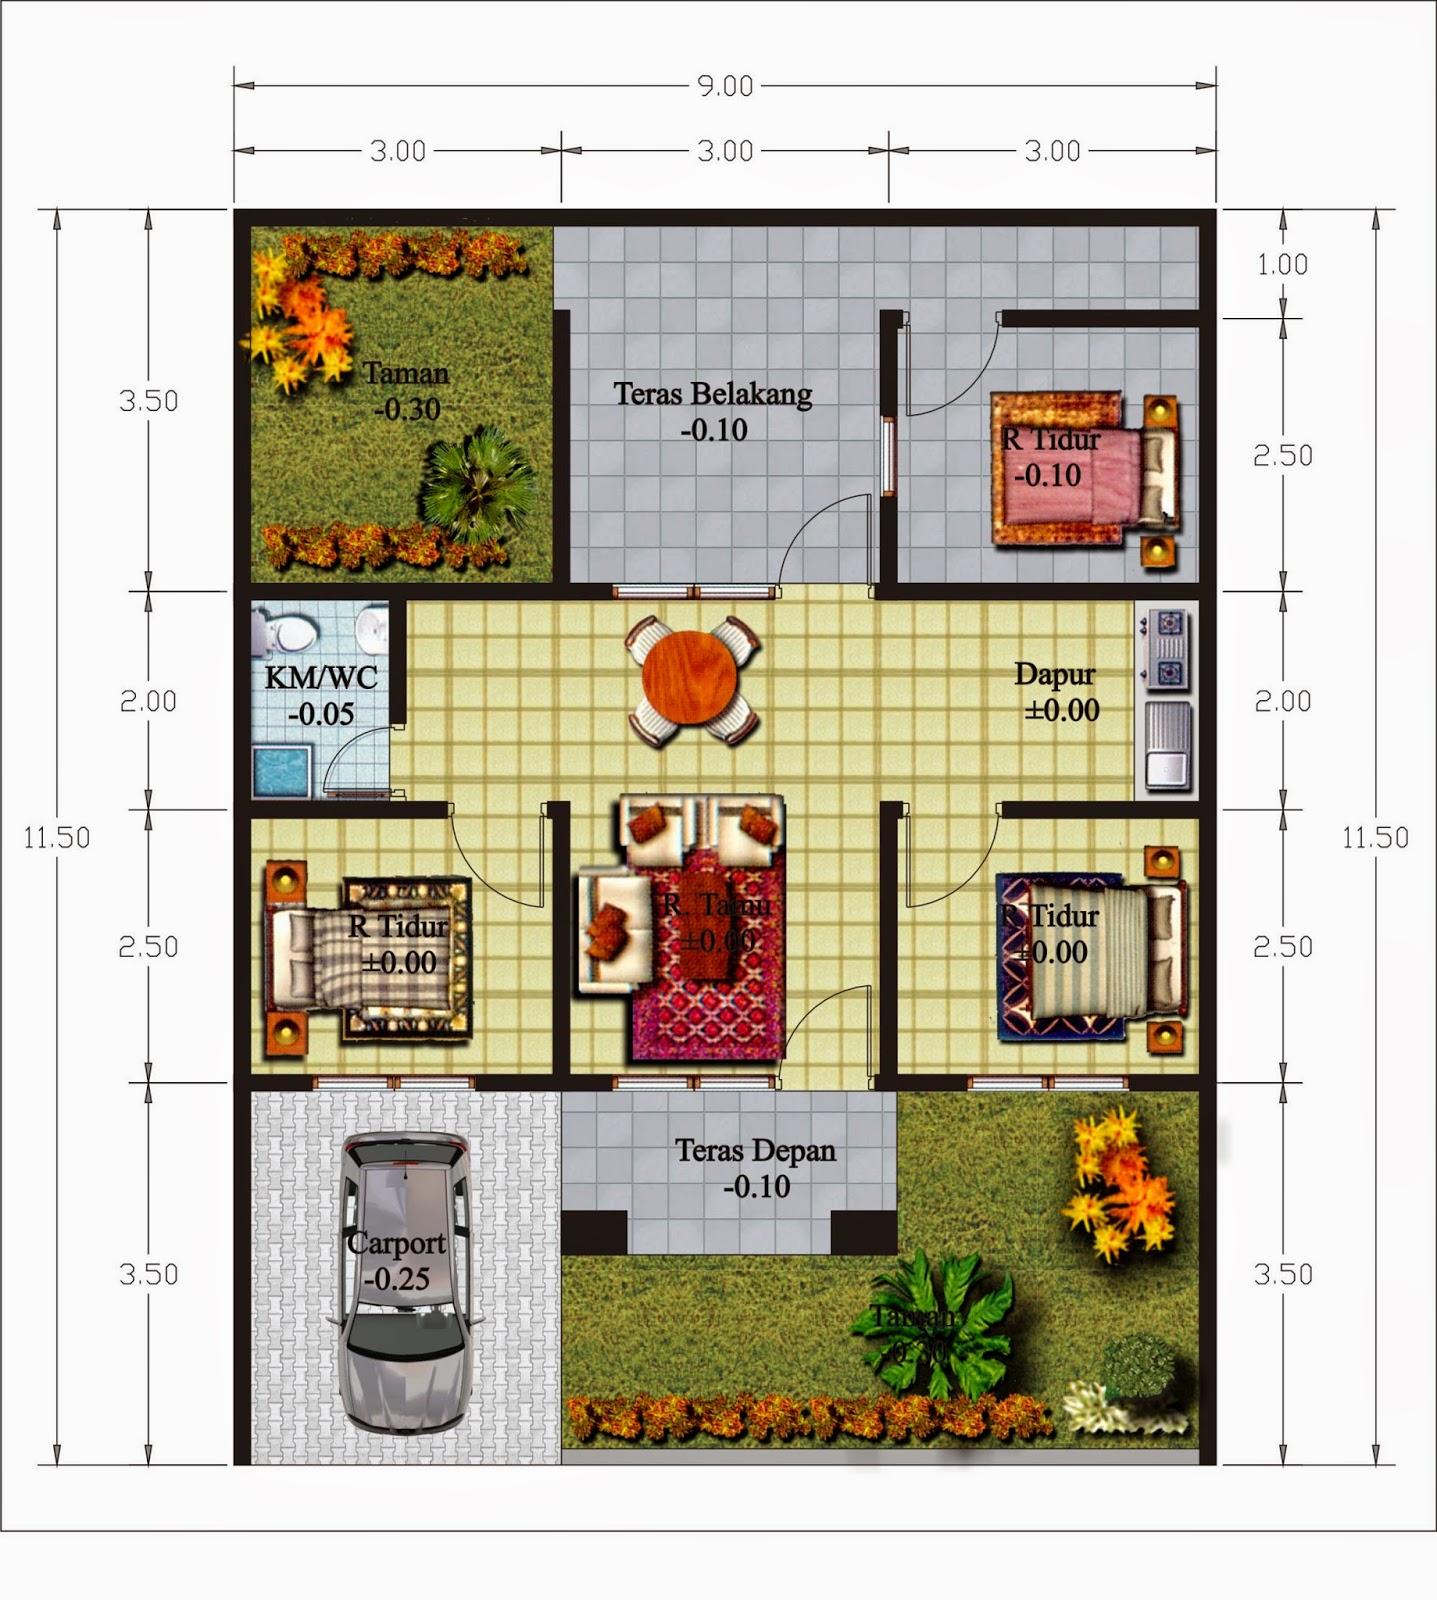 Denah Rumah Minimalis 1 Lantai Ukuran 10 X 15 Desain Rumah Minimalis